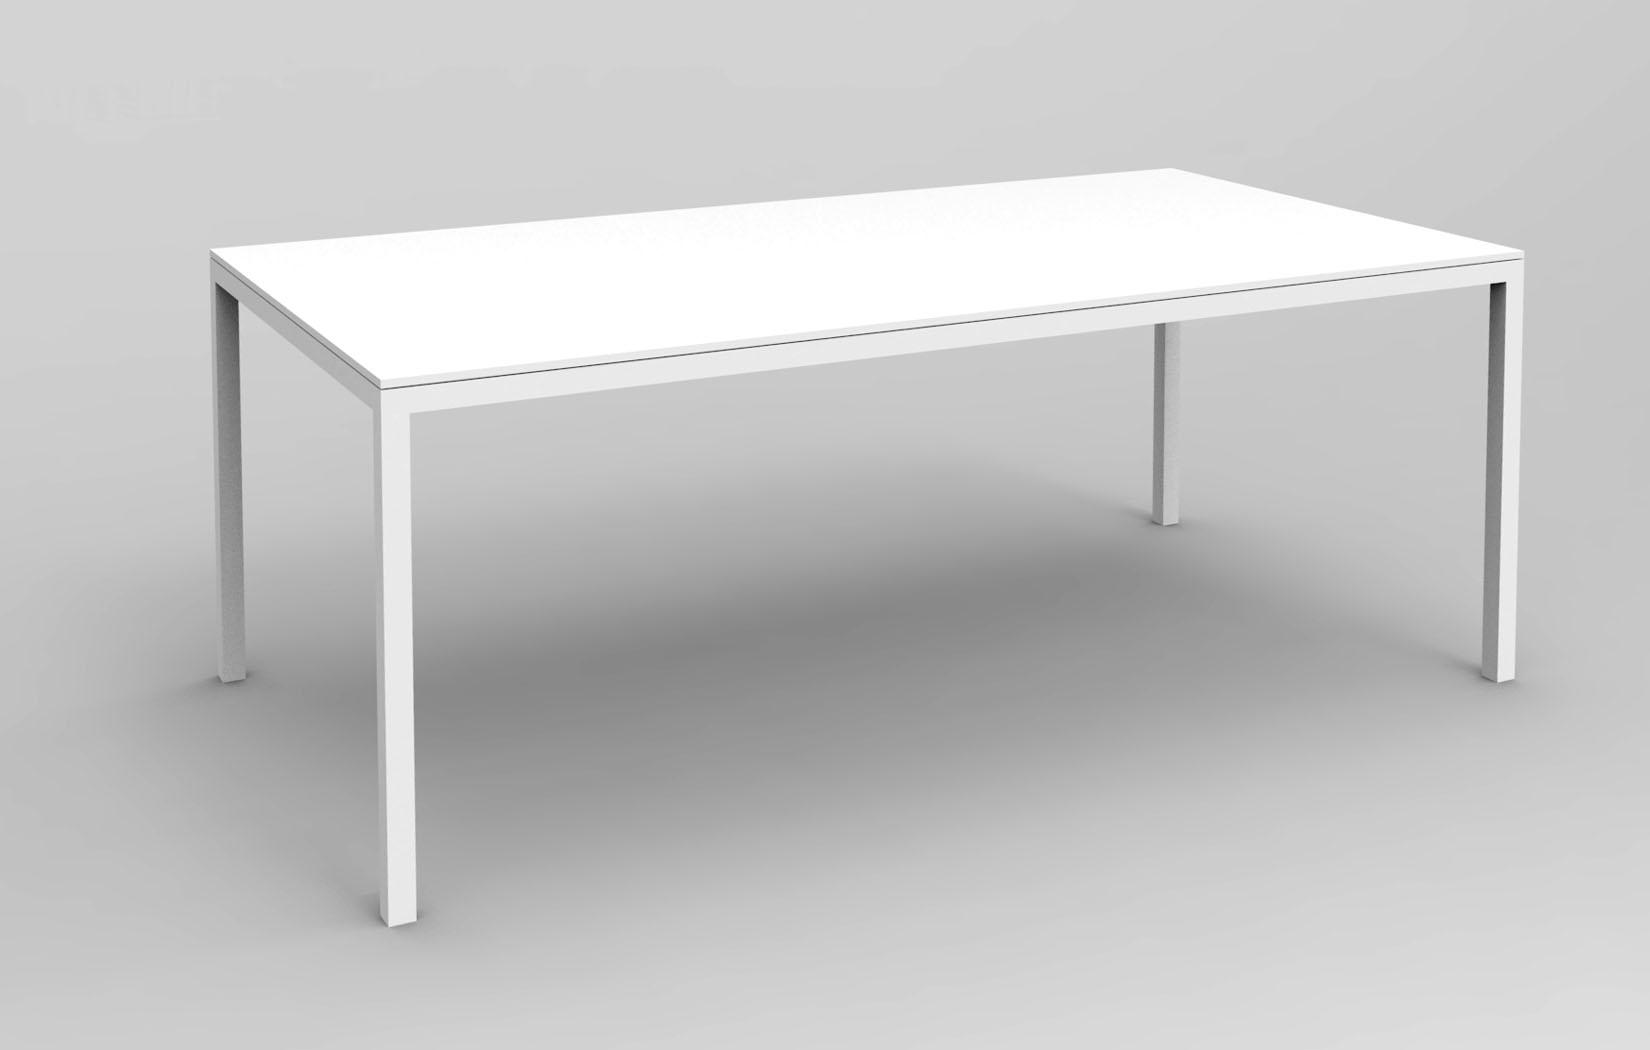 Tavolo cucina legno bianco idee creative e innovative - Tavolo cucina bianco ...